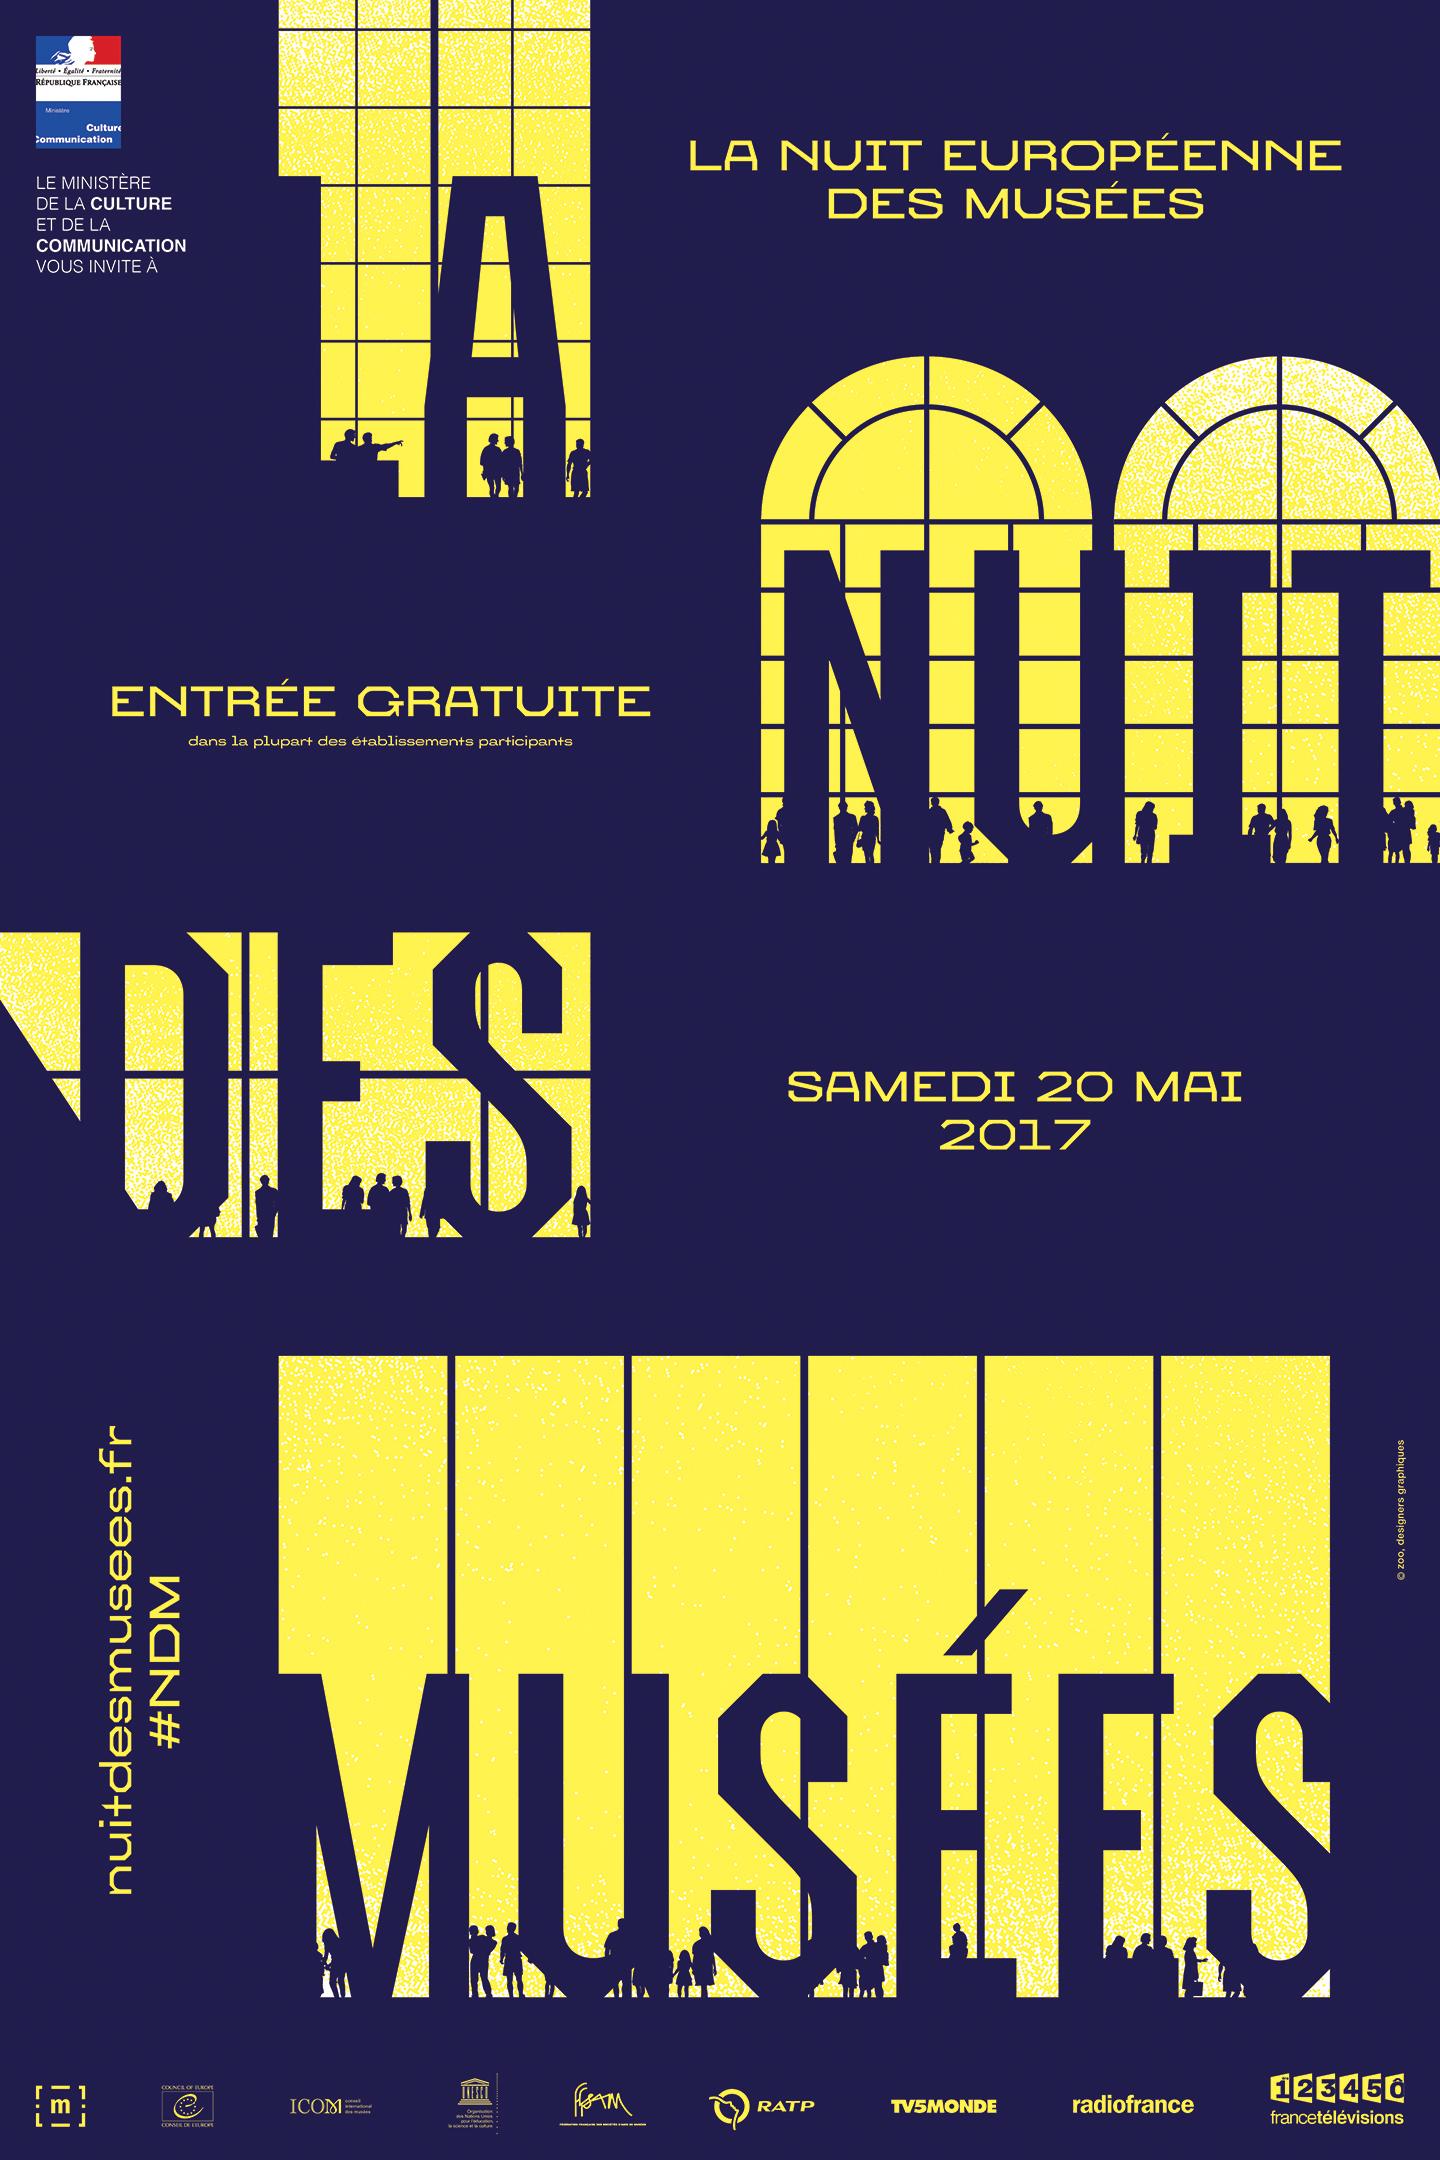 Nuit européenne des musées 2017